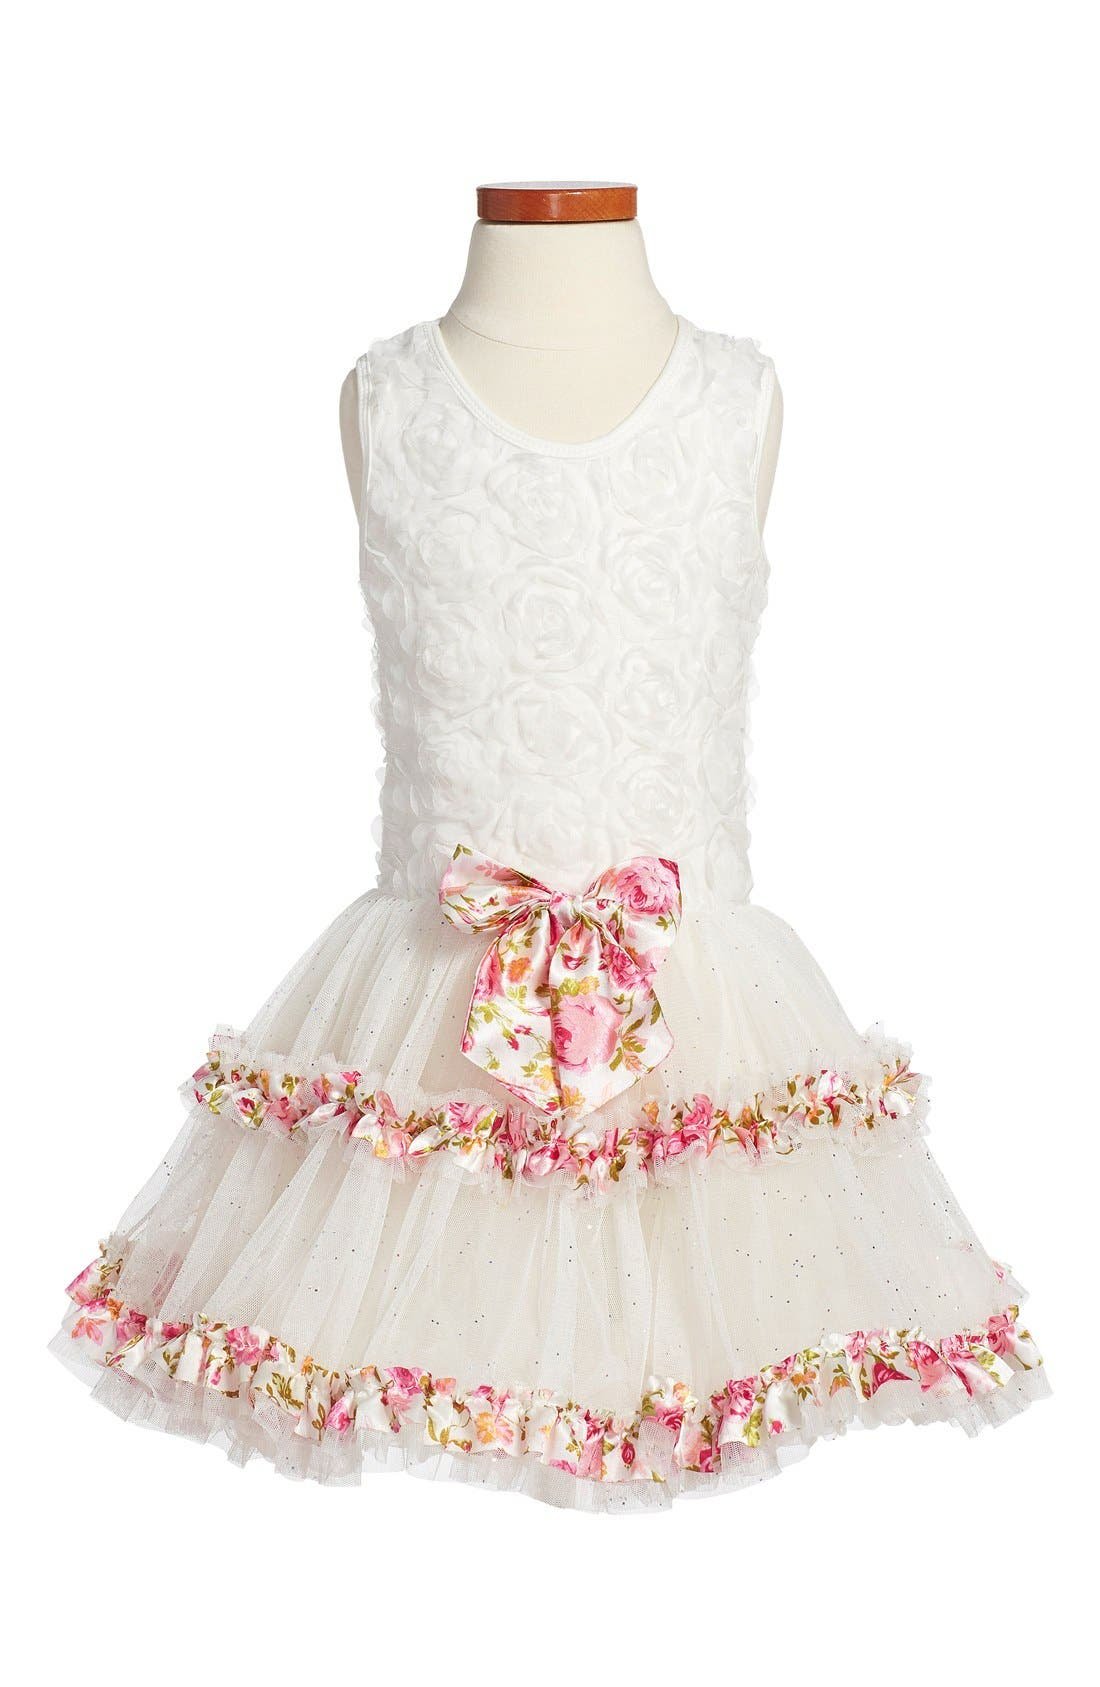 Petticoat Skirt Tank Dress, Main, color, 110